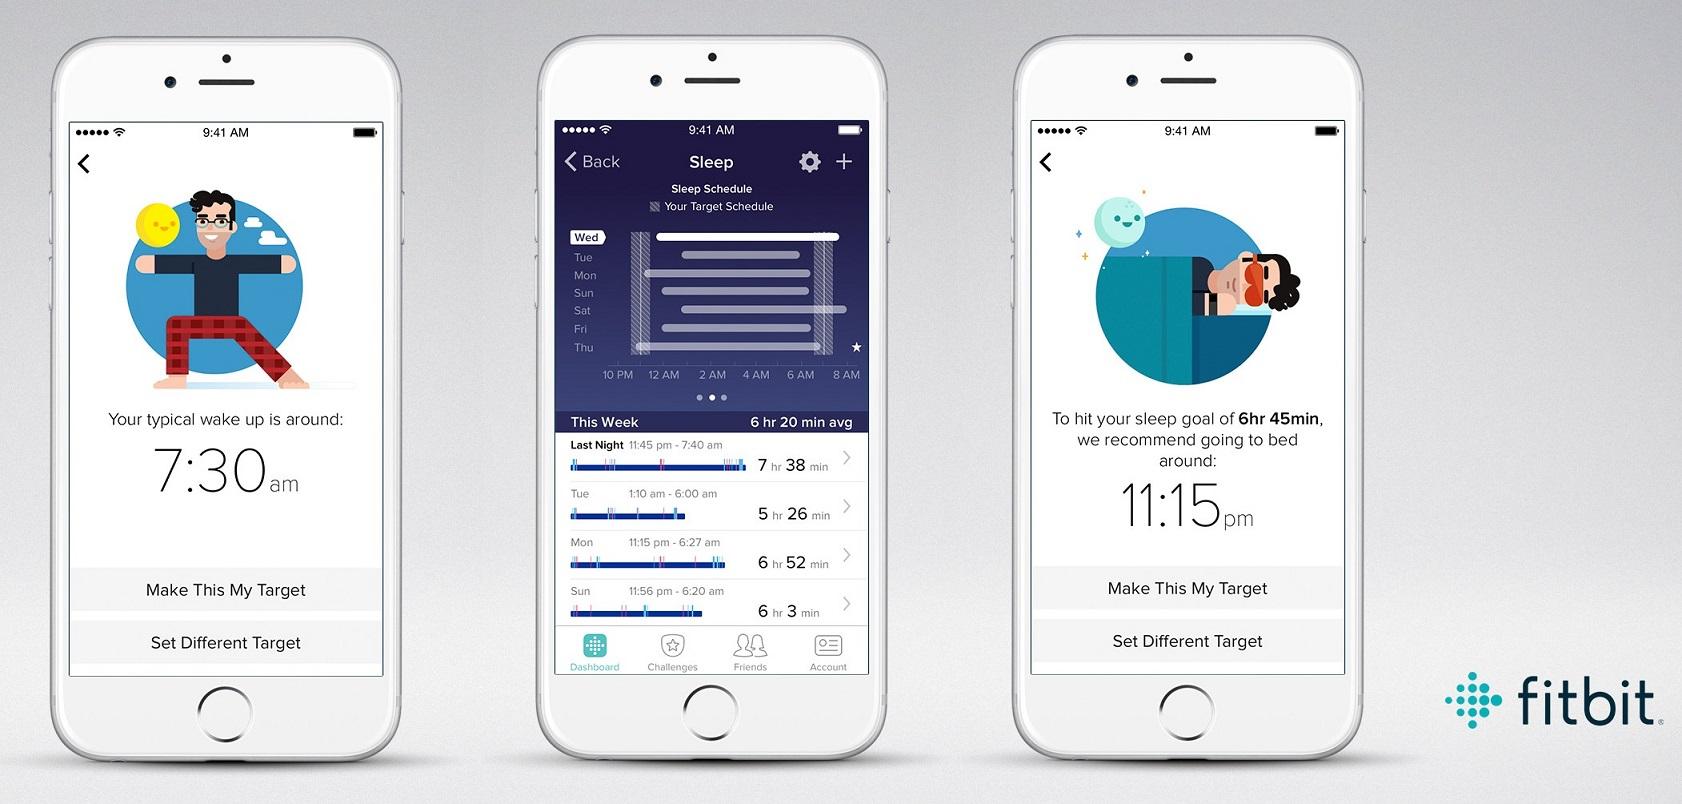 Fitbit Sleep Schedule app